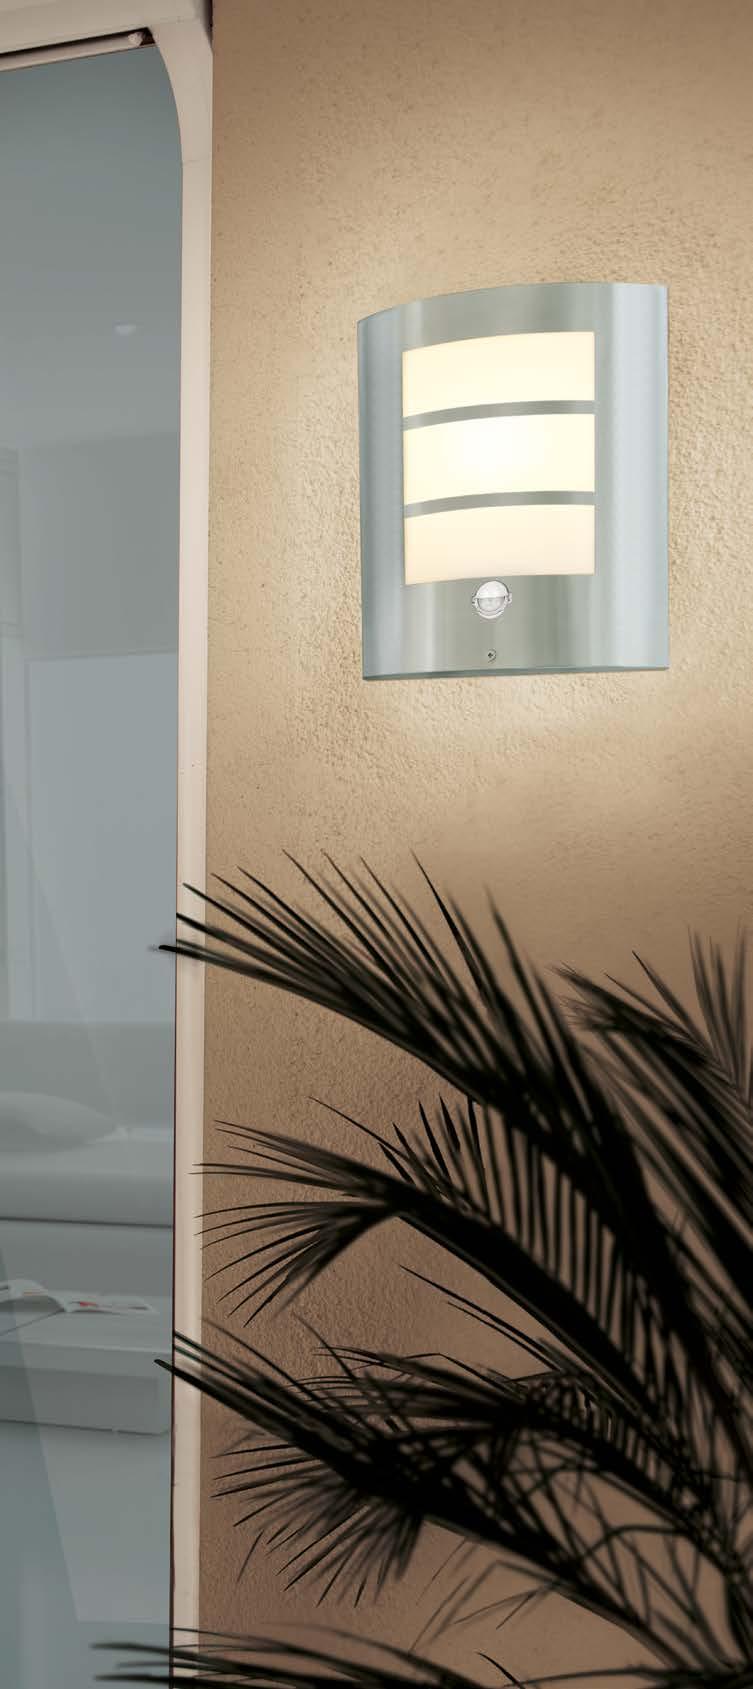 EGLO 88142 CITY venkovní svítidlo nástěnné nejen před dům, na dům, na cestu